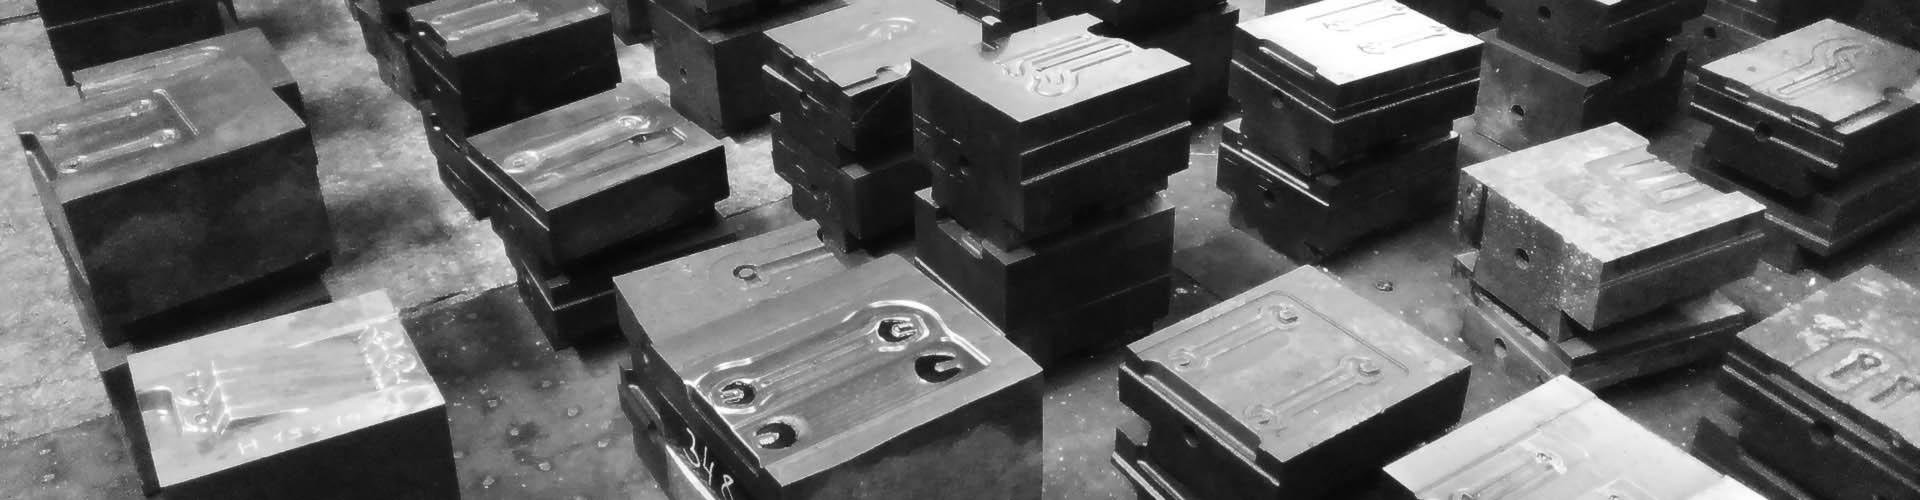 Изготовление инструментов под заказ